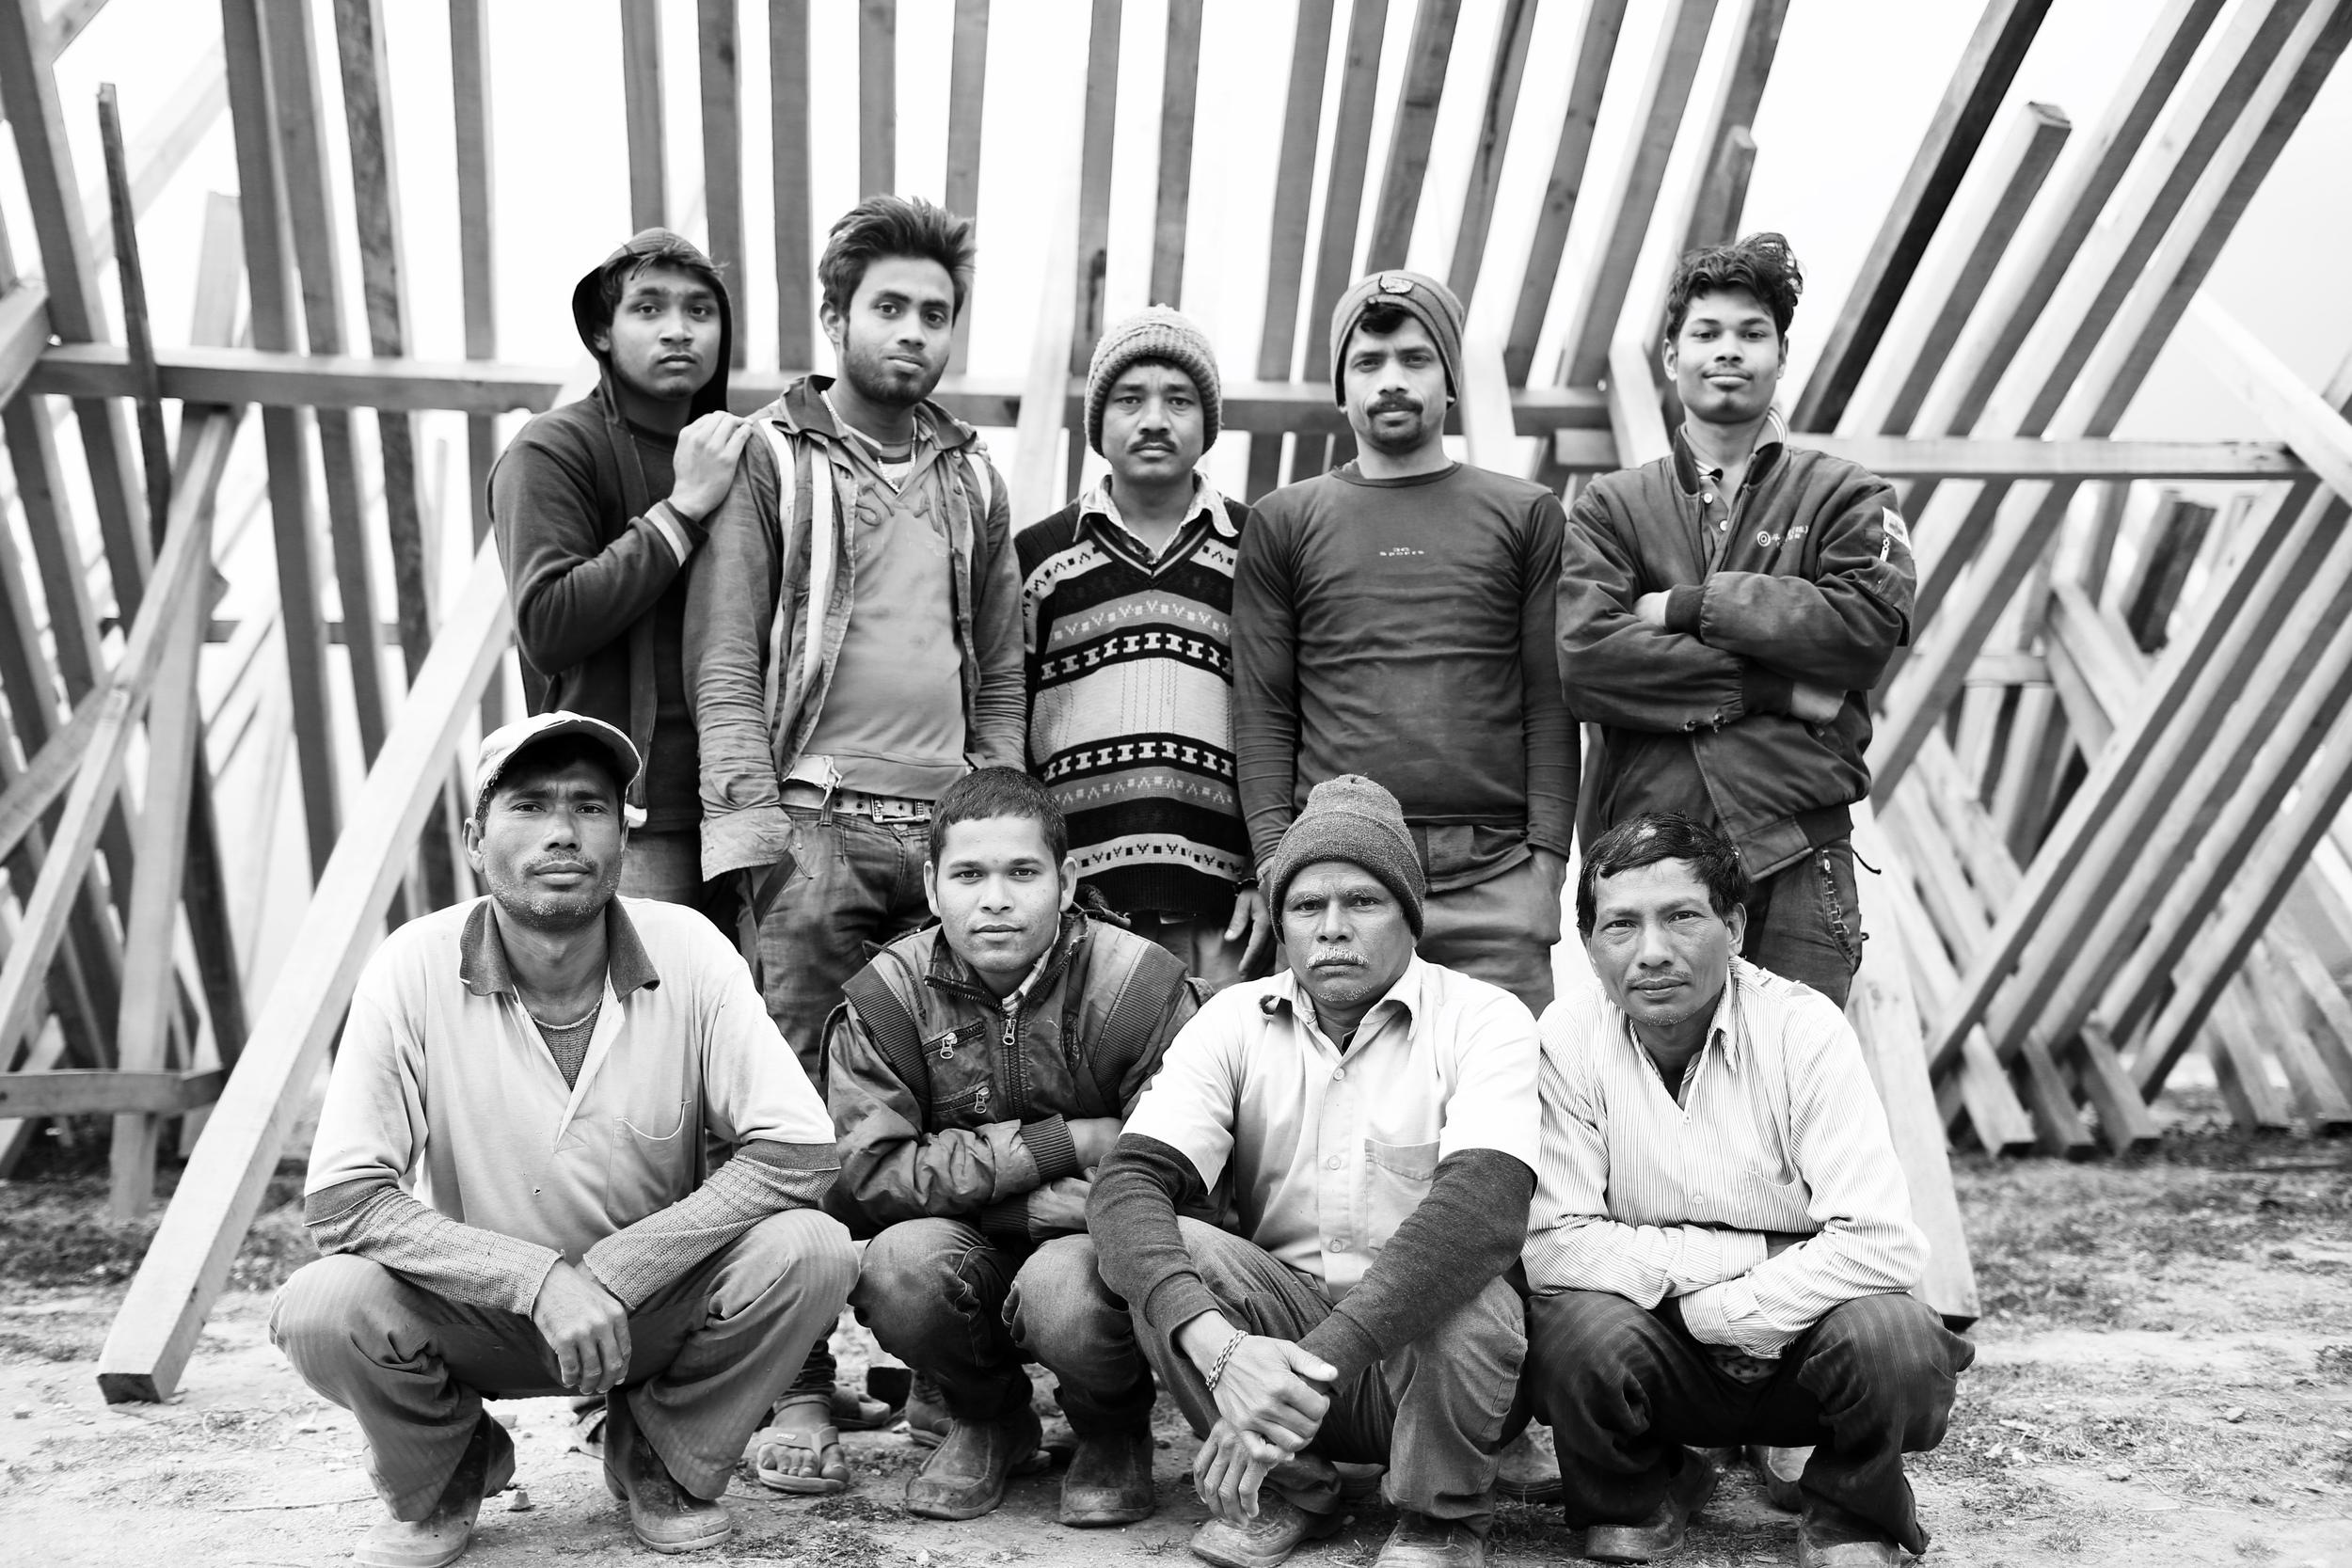 indian_labor_bhutan_06_poussot